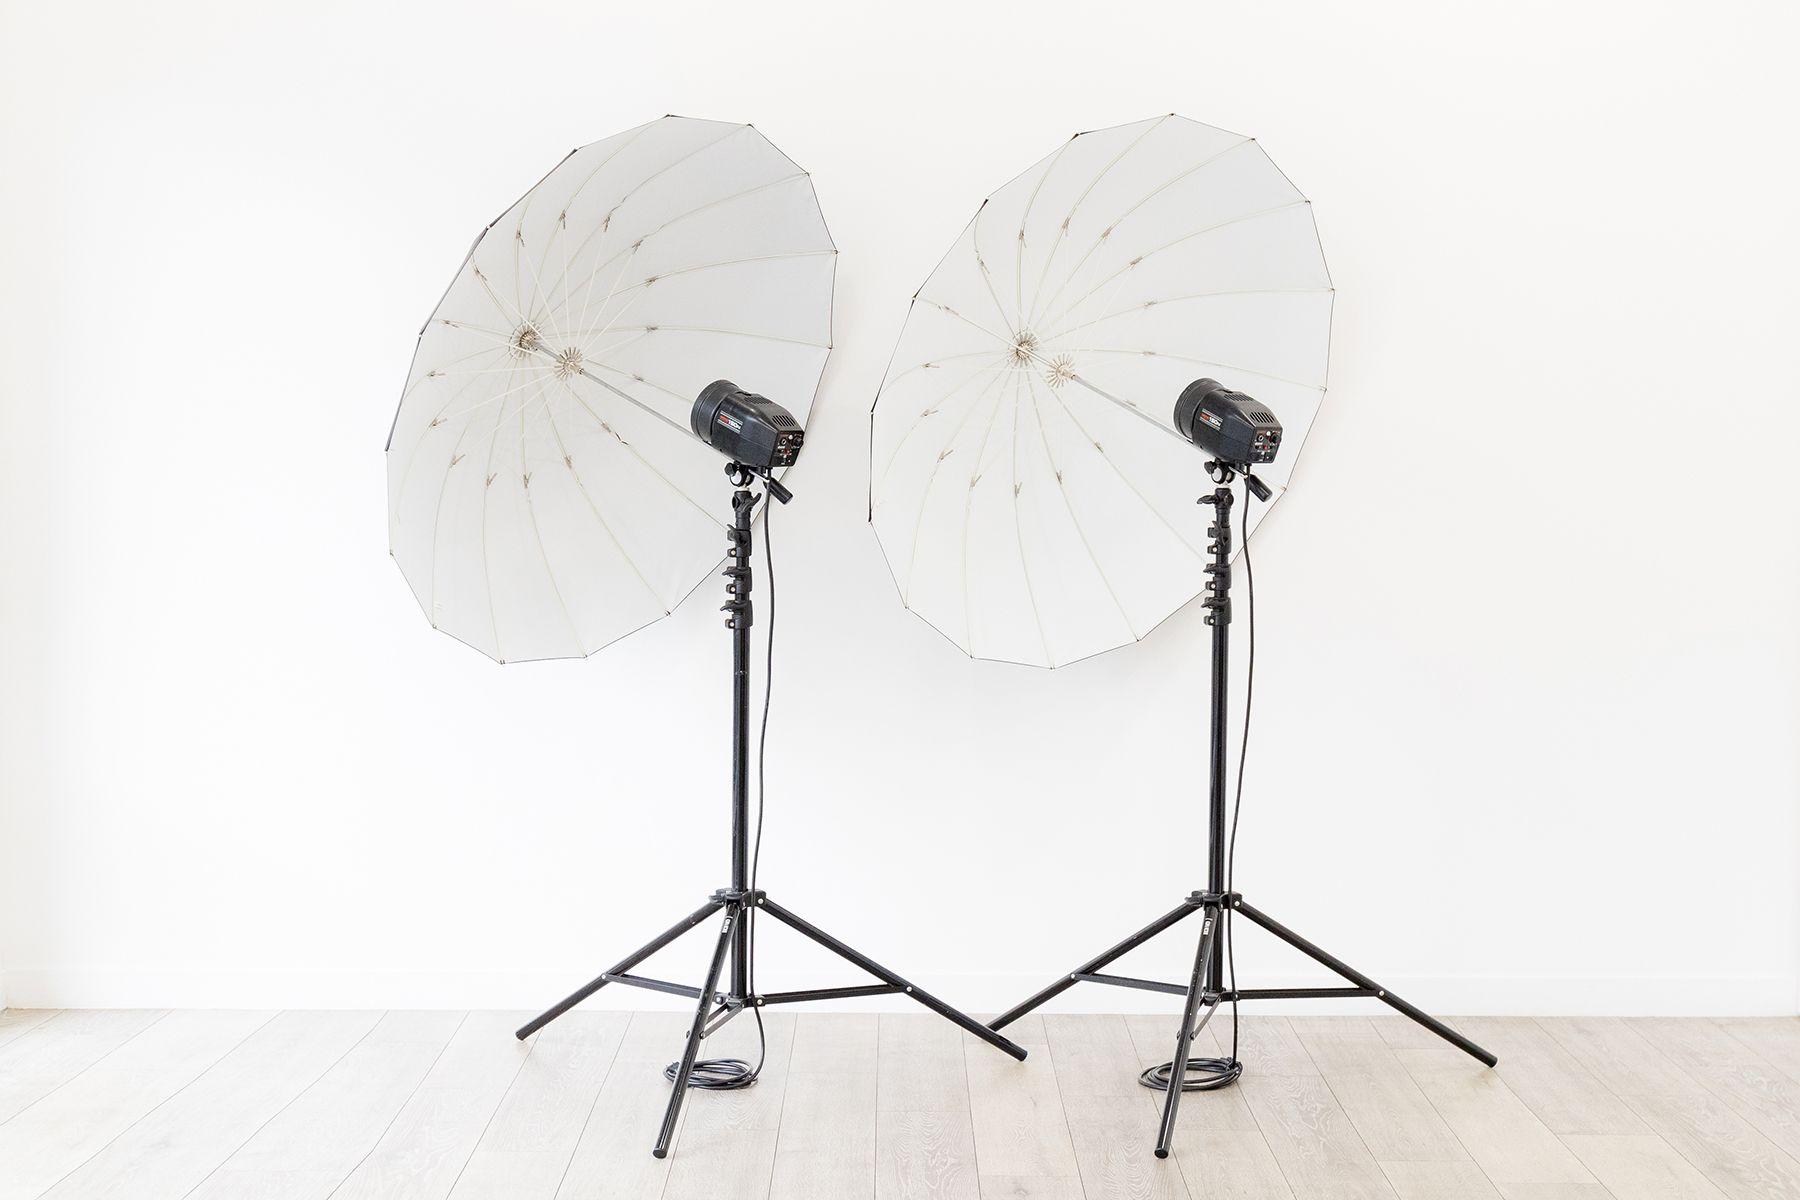 Studio Serato 代々木 (スタジオセラート代々木)100cmアンブレラ(レンタル付属)